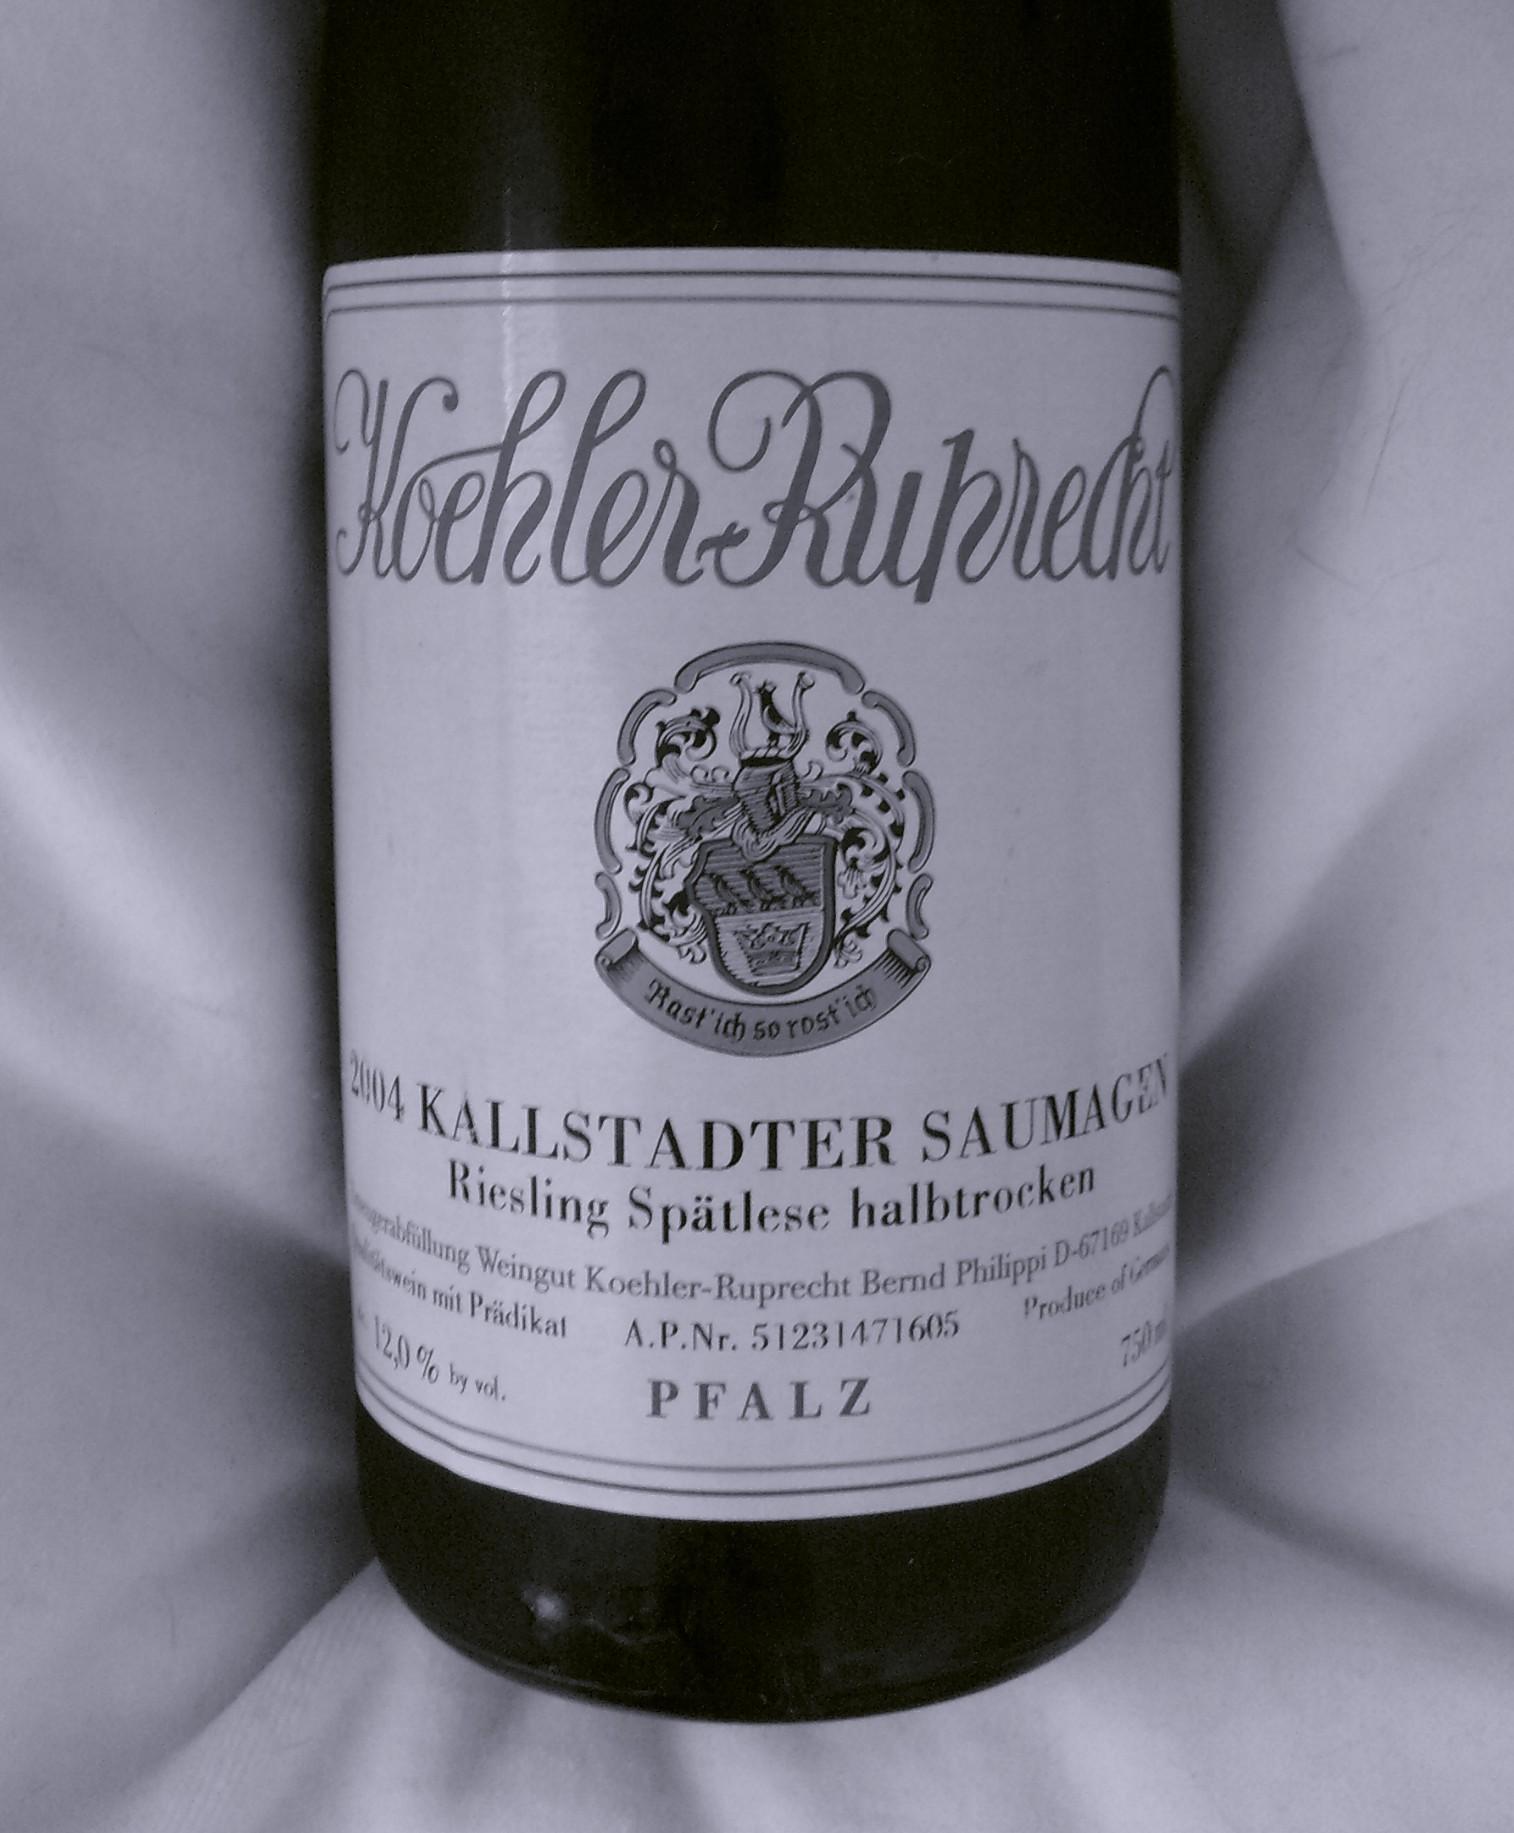 2004-koehlerruprecht-ksslhtr